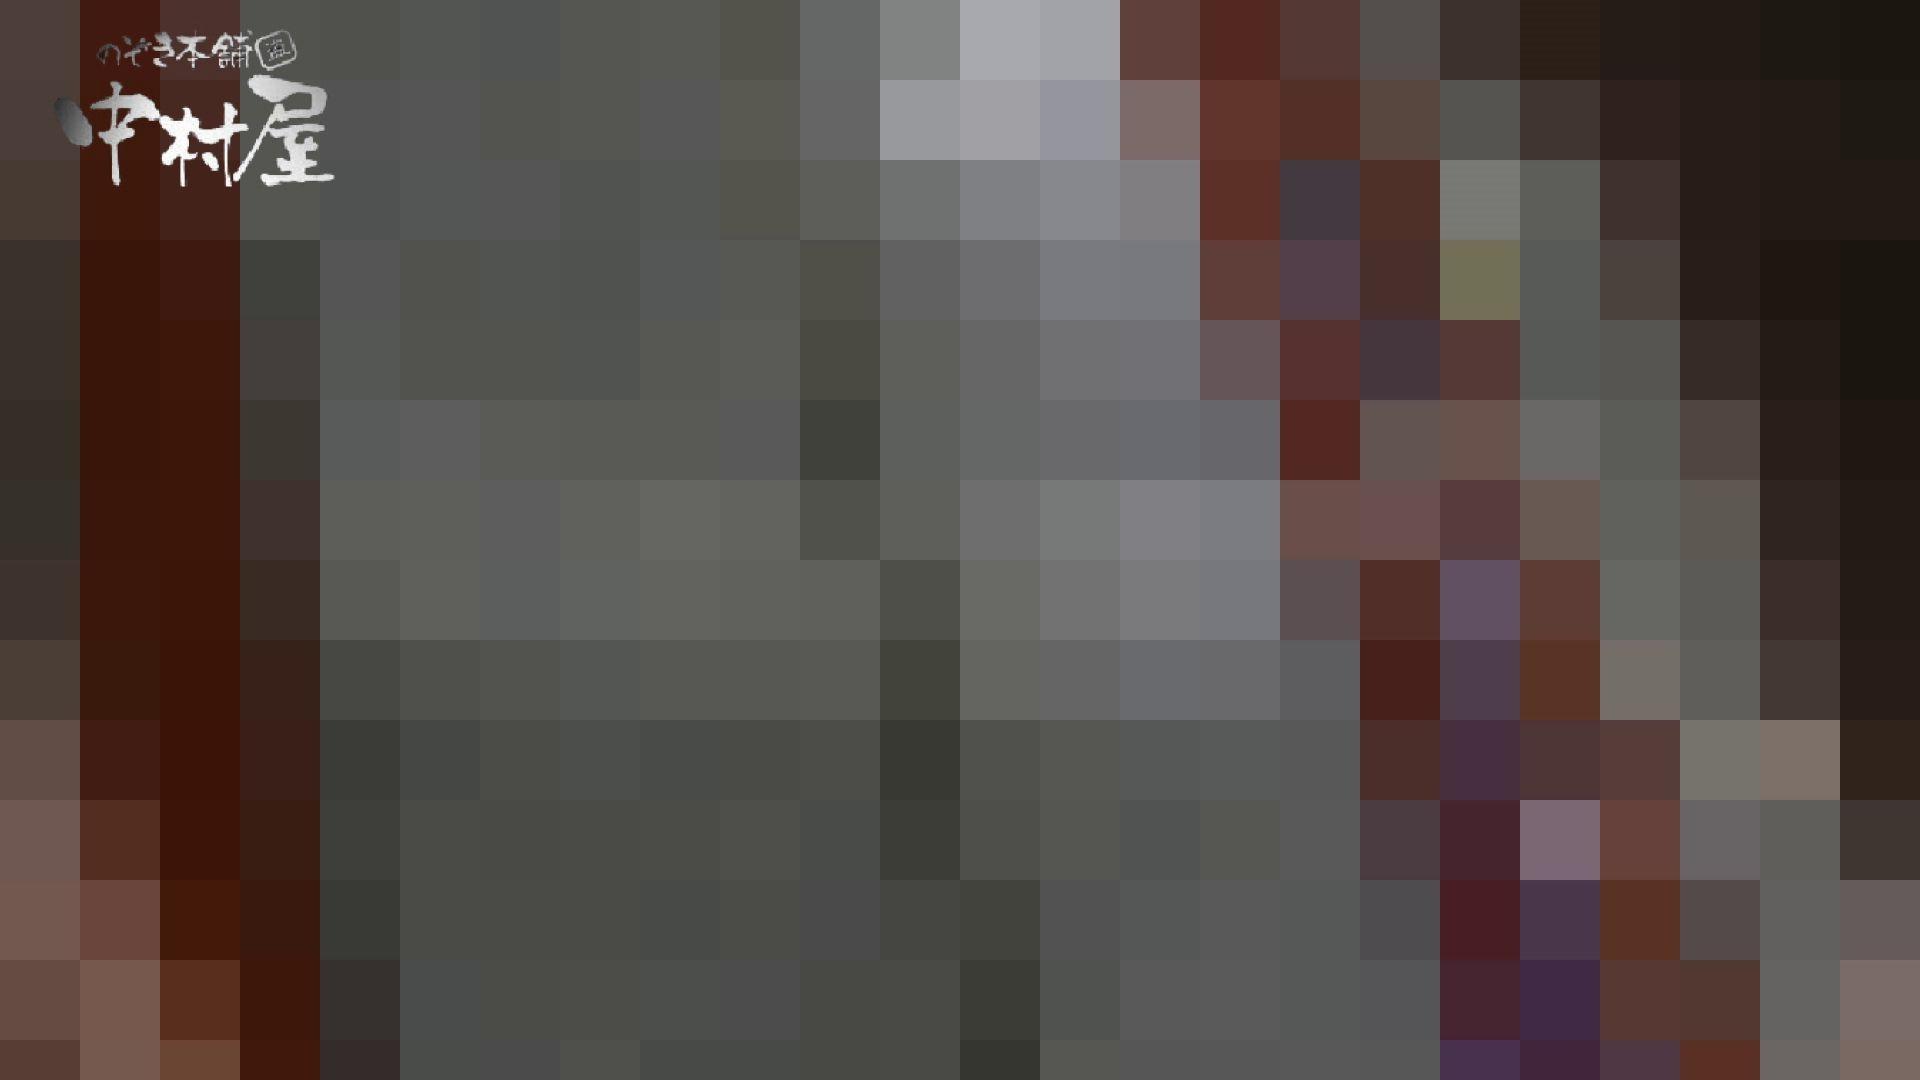 【世界の射窓から】世界の射窓から vol.18後編 洗面所  49連発 12